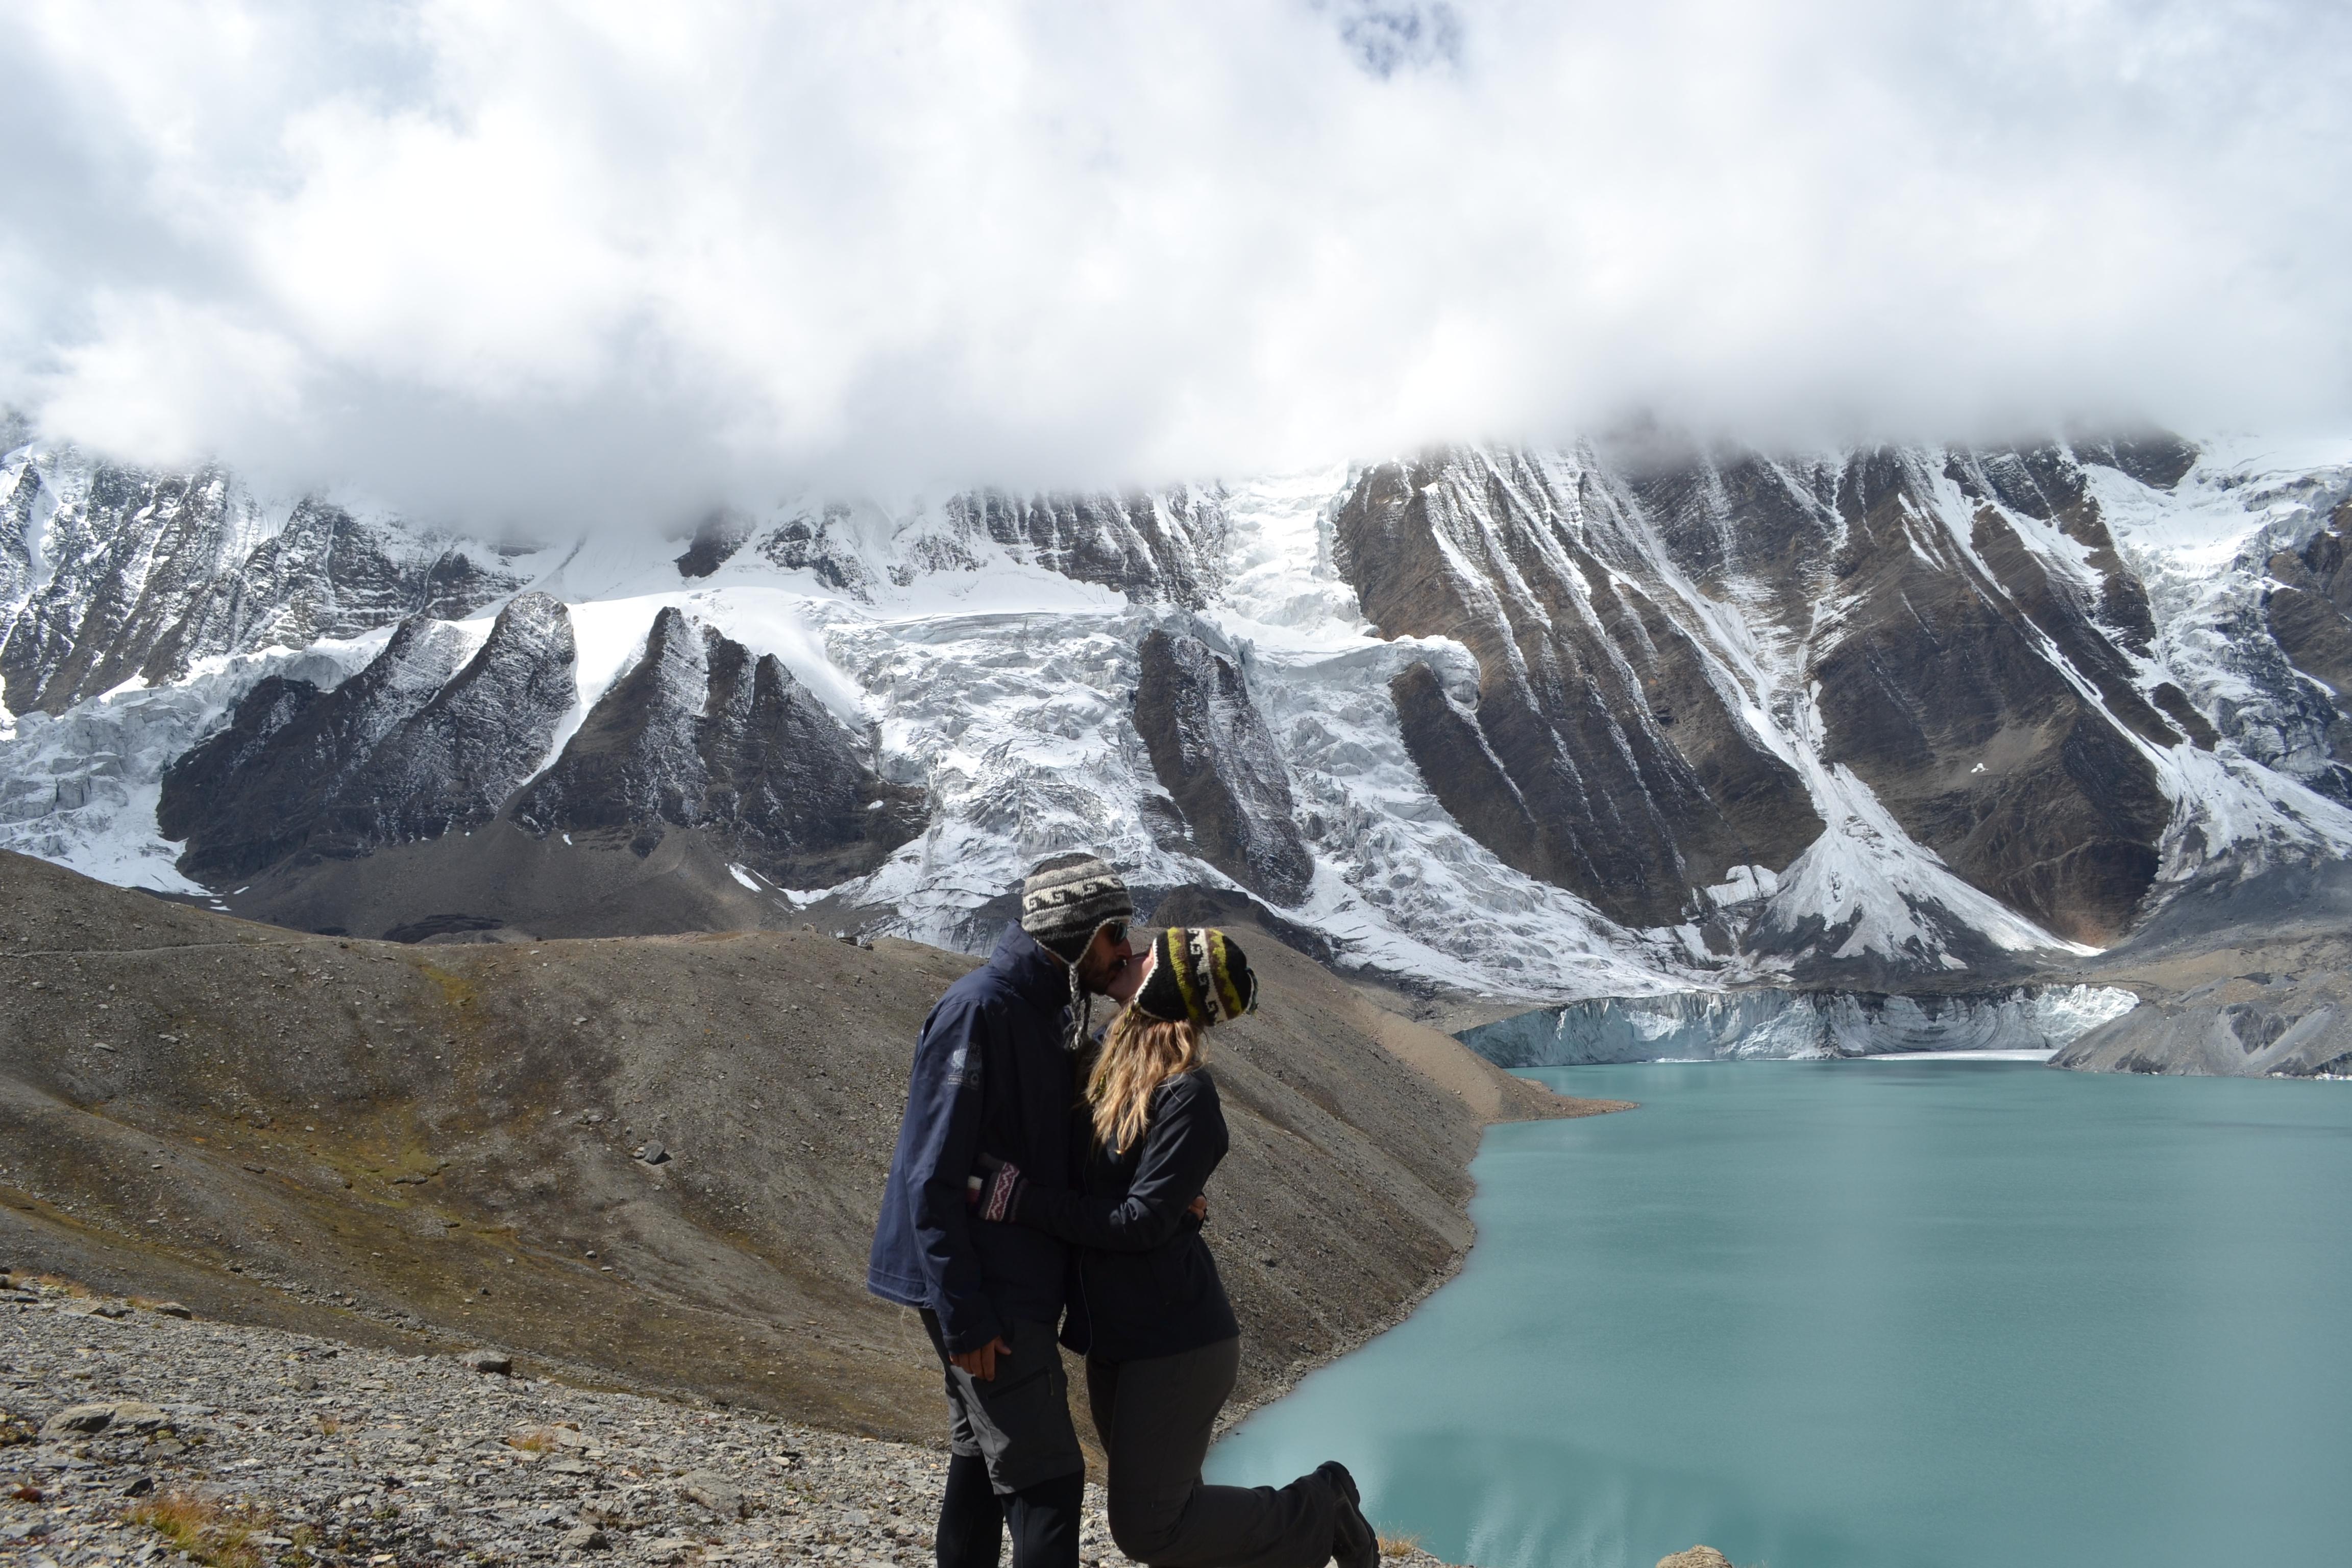 Tilicho Lake, o lago mais alto do mundo à 5.000 metros nos Himalayas.